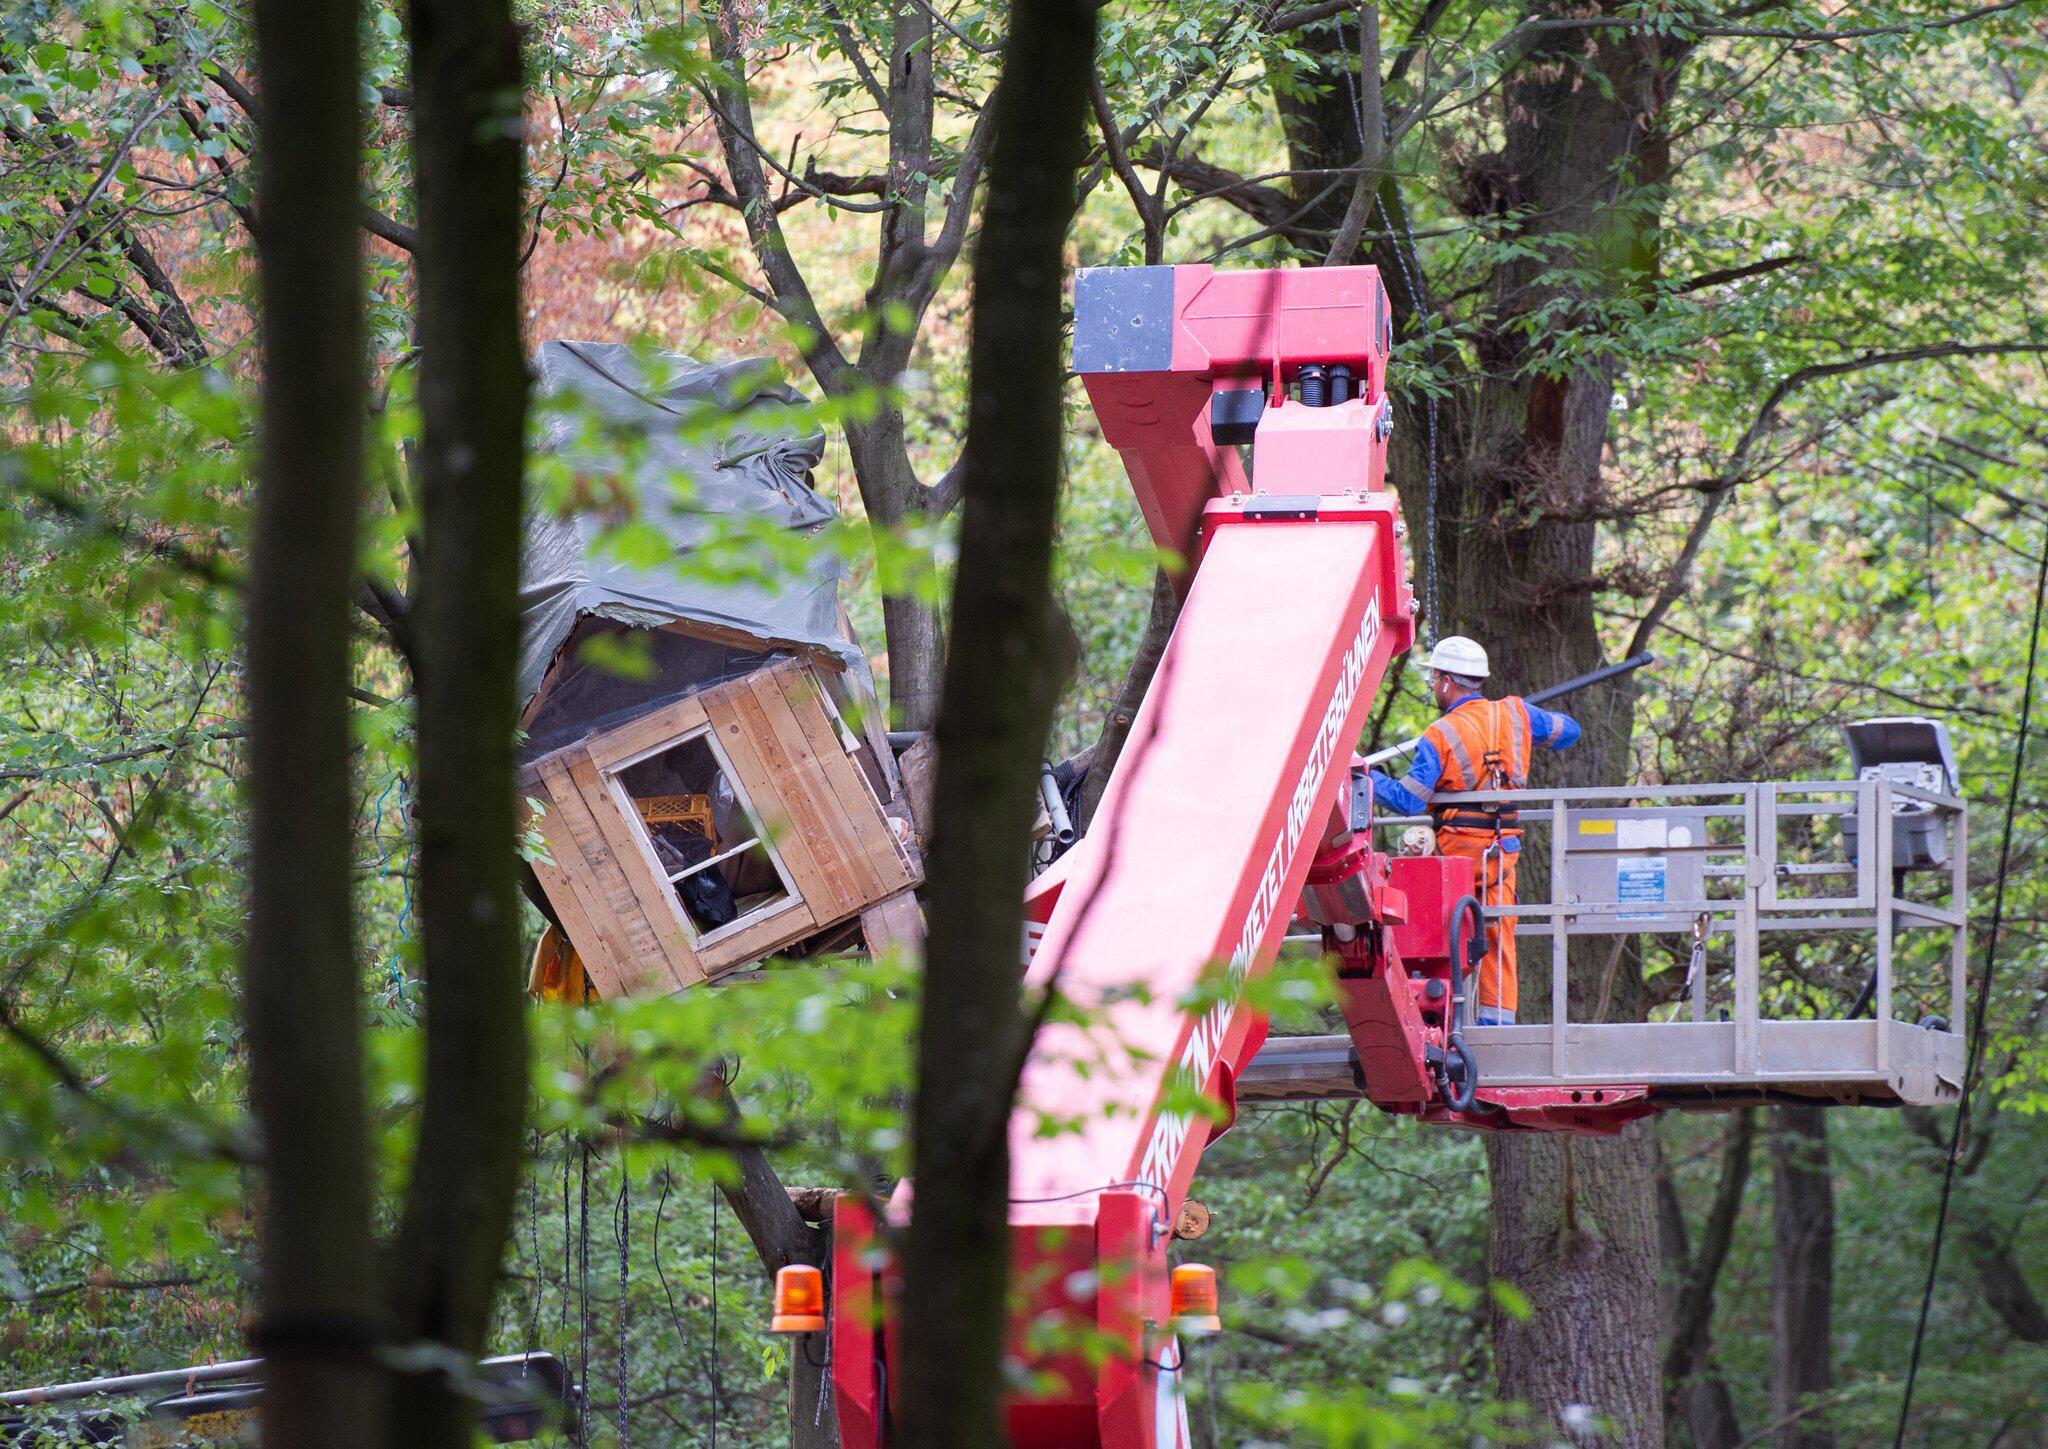 Bild zu Weitere Entwicklung im Hambacher Forst